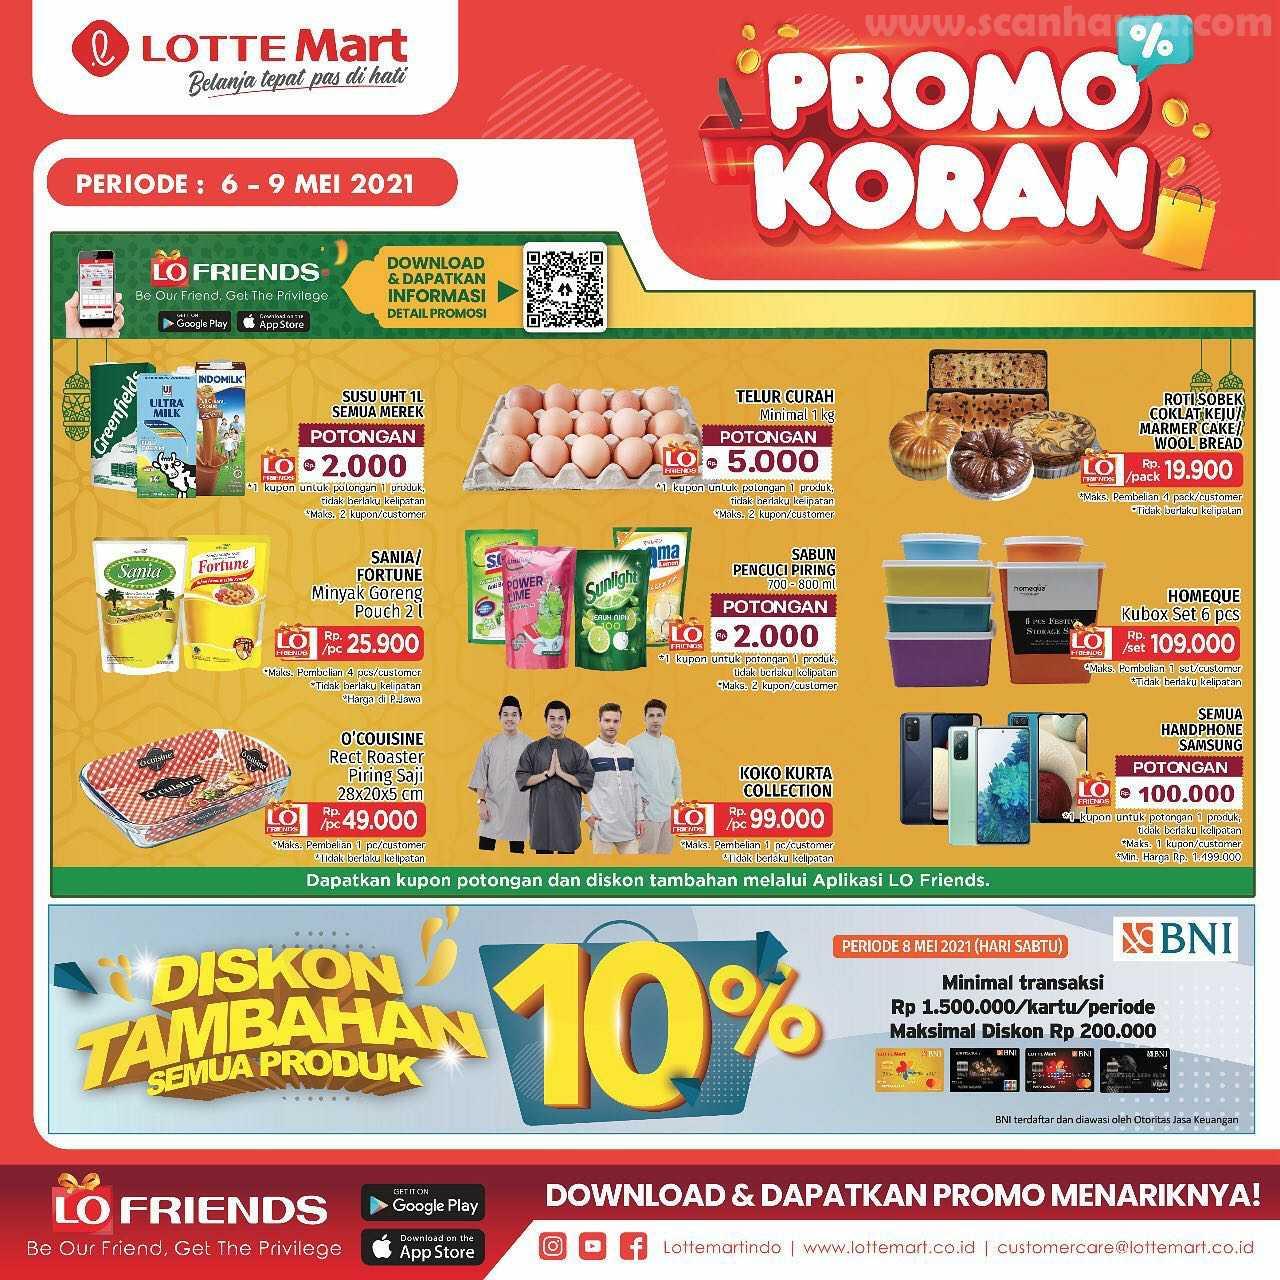 Katalog Promo Lottemart Weekend 6 - 9 Mei 2021 2